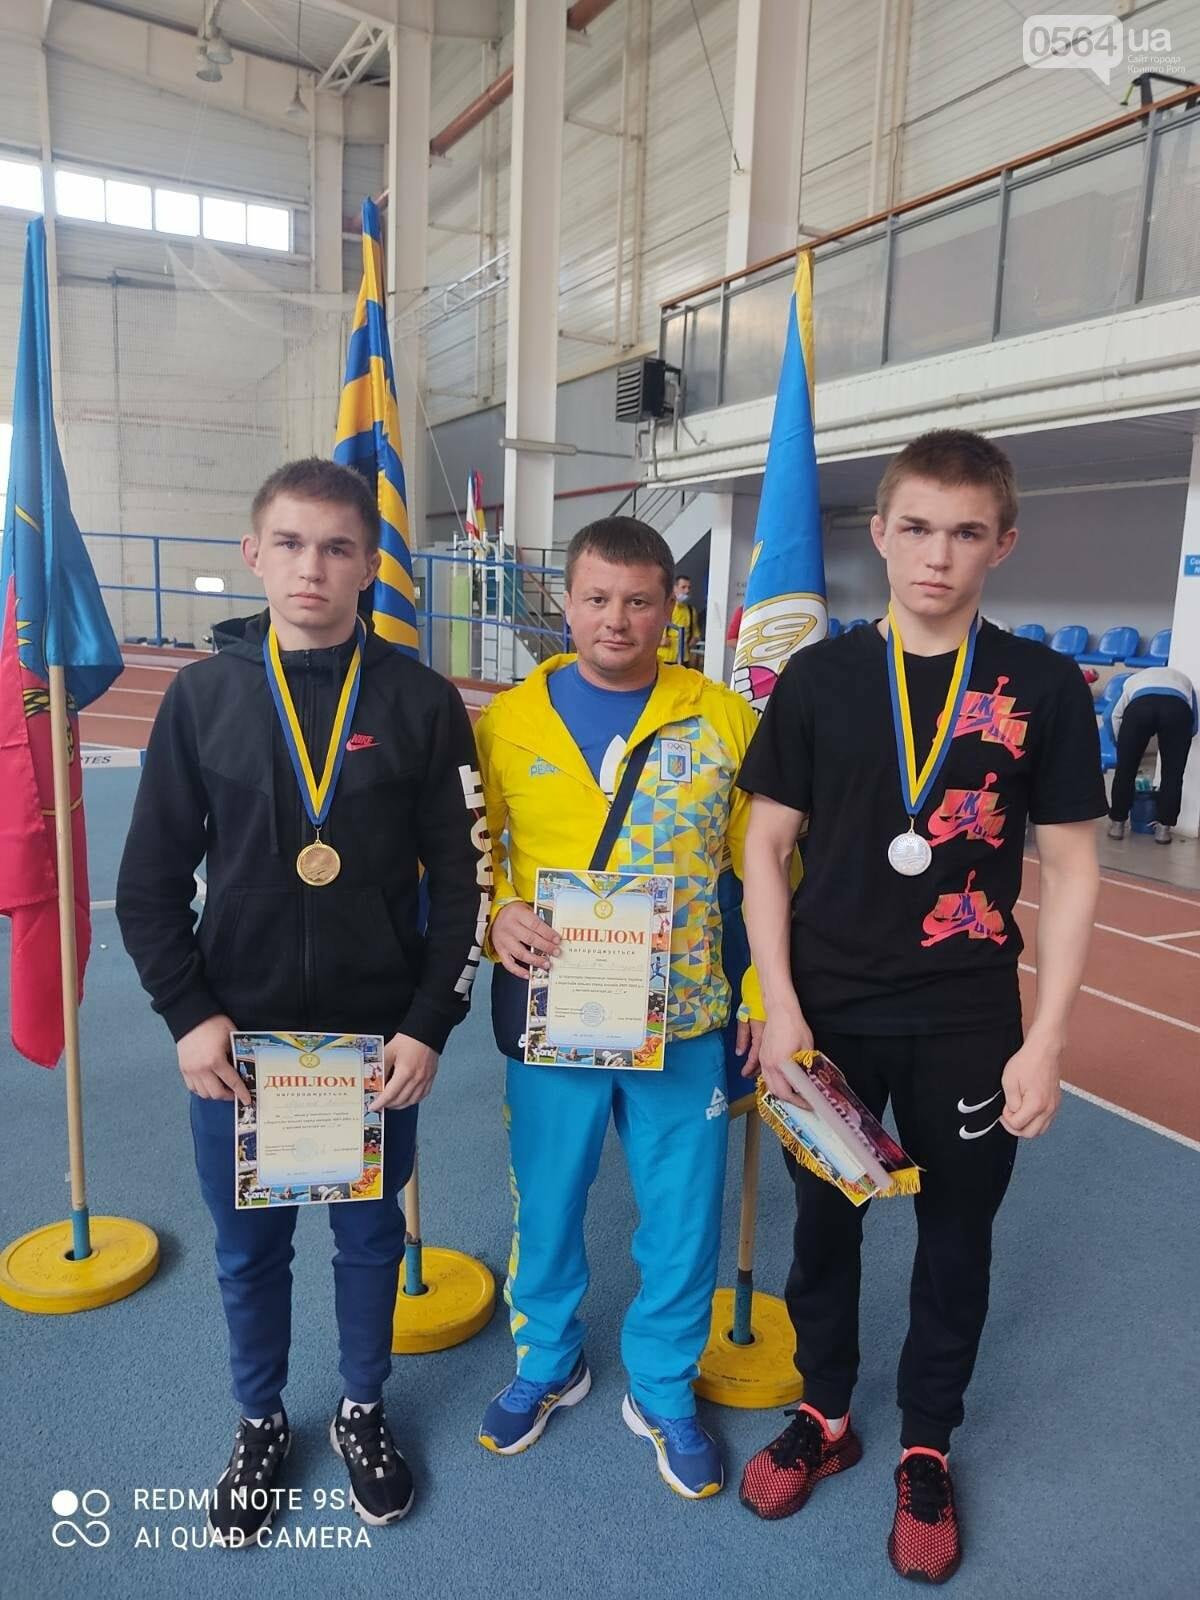 Братья из Кривого Рога привезли медали с Чемпионата Украины по вольной борьбе, - ФОТО , фото-3